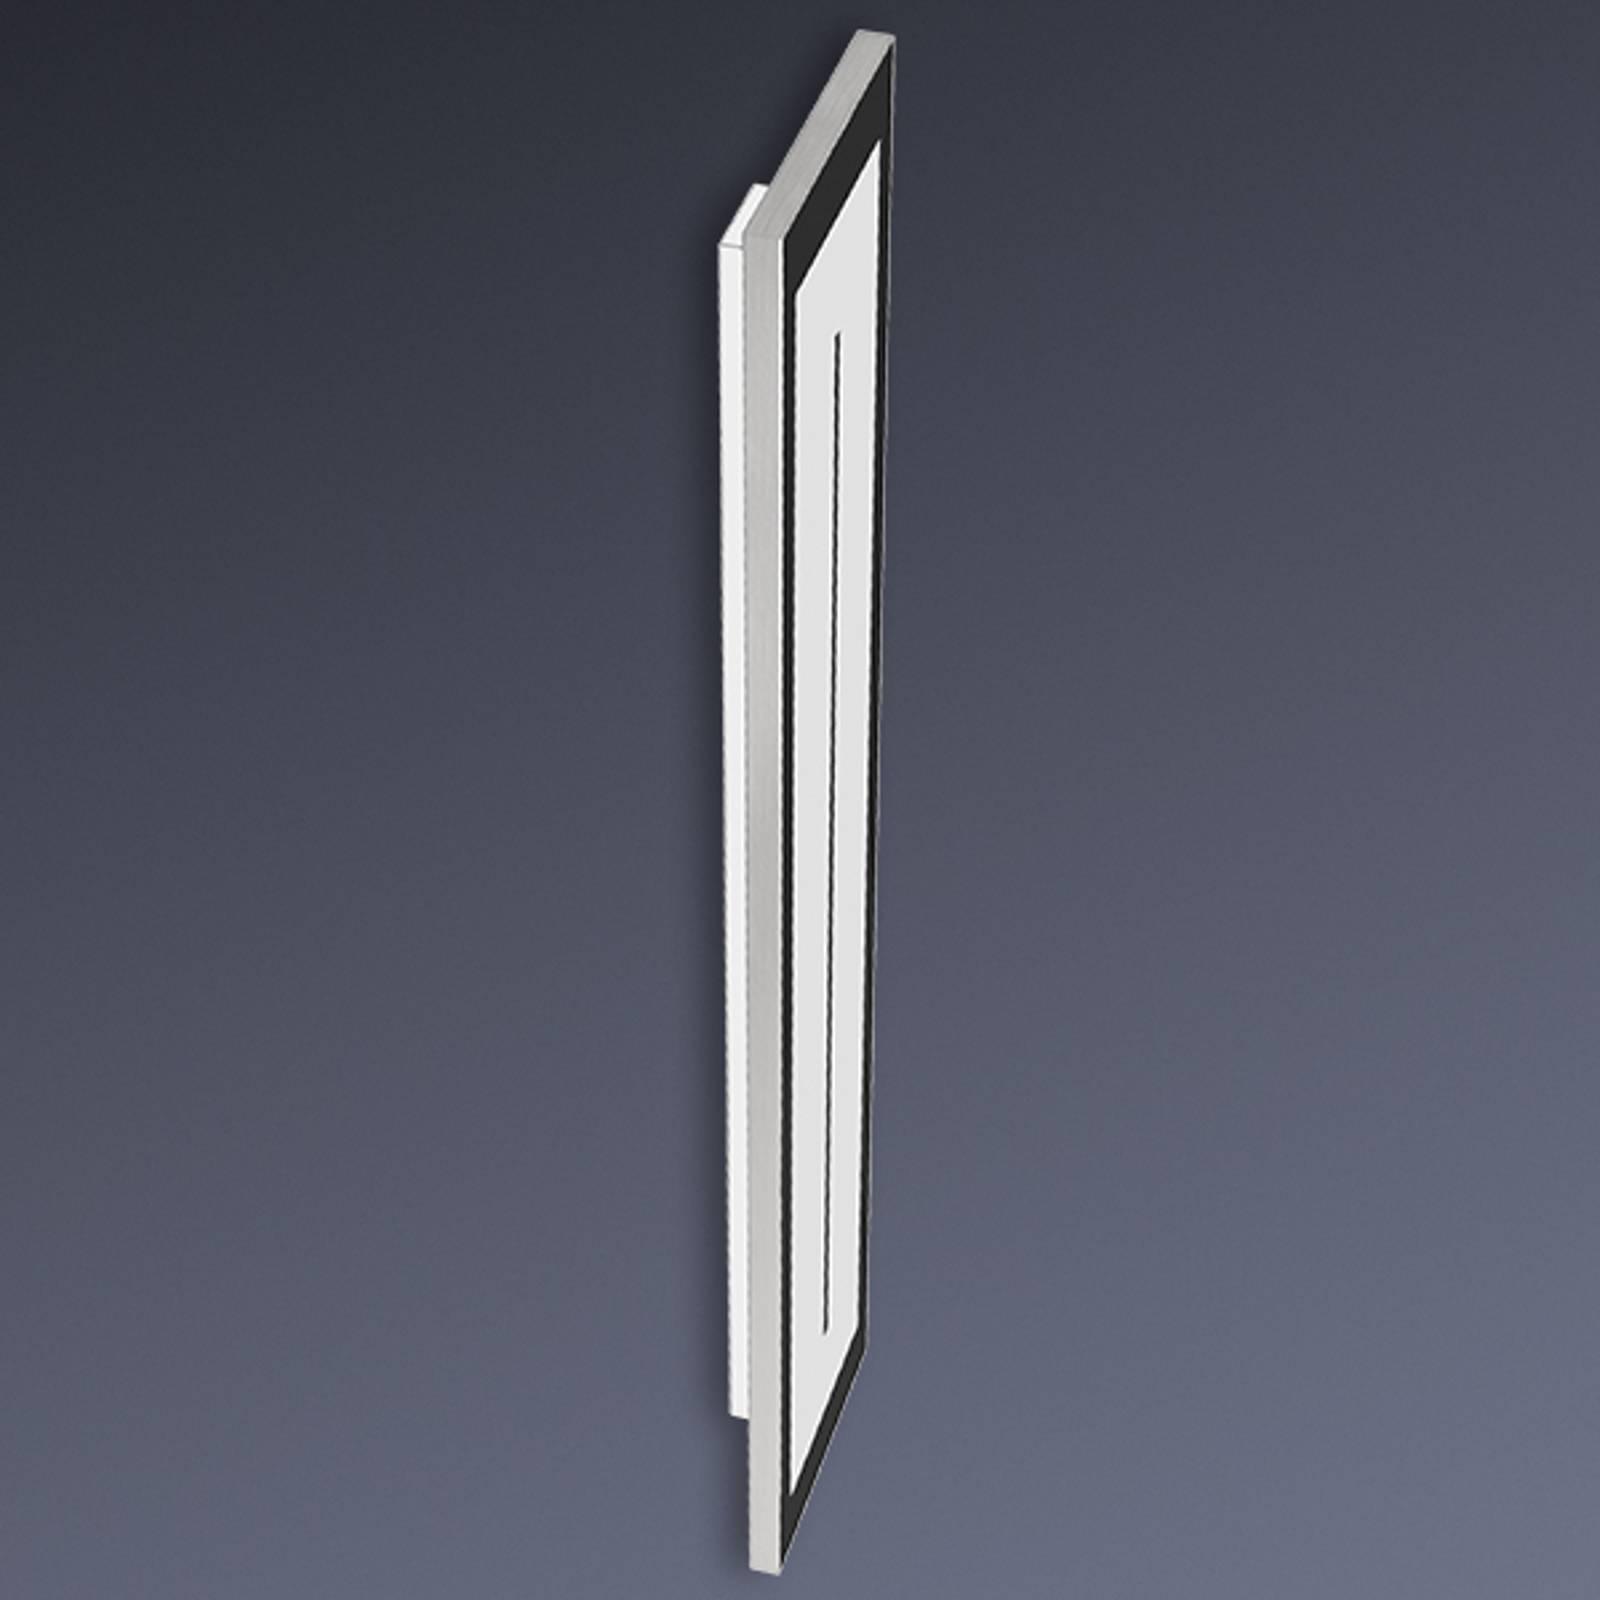 108 cm hoch - LED-Wandleuchte Zen